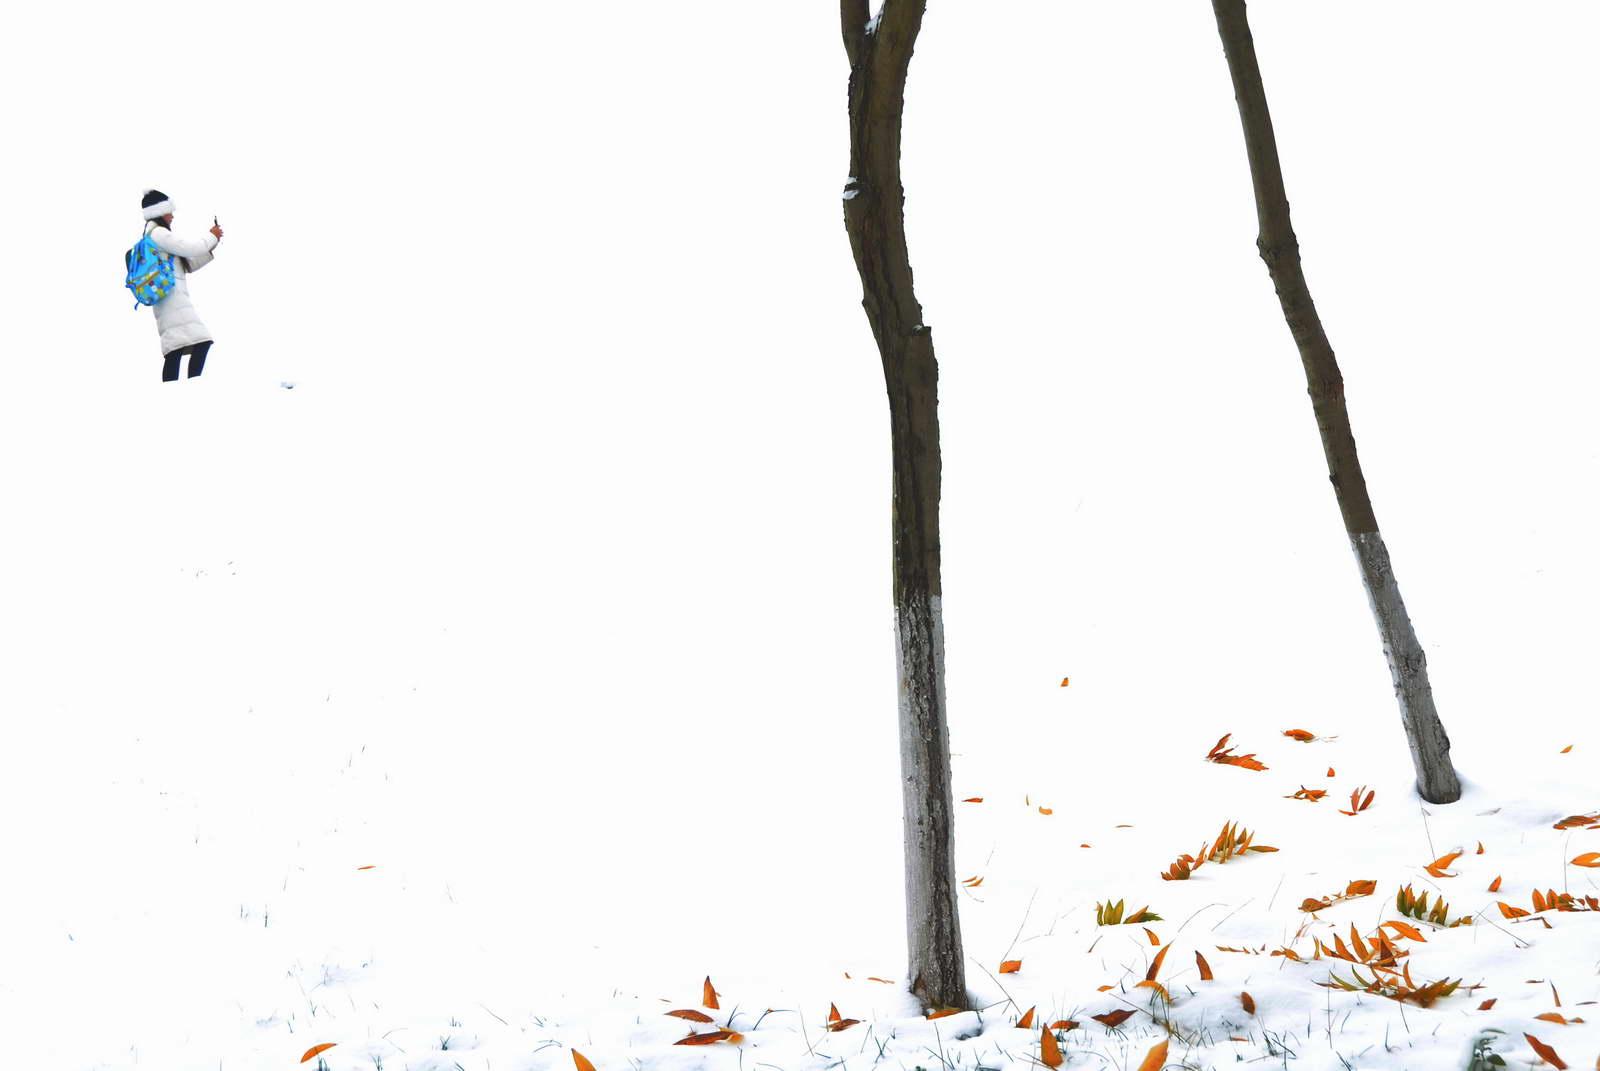 中国移动 方文青《雪中即景》.JPG